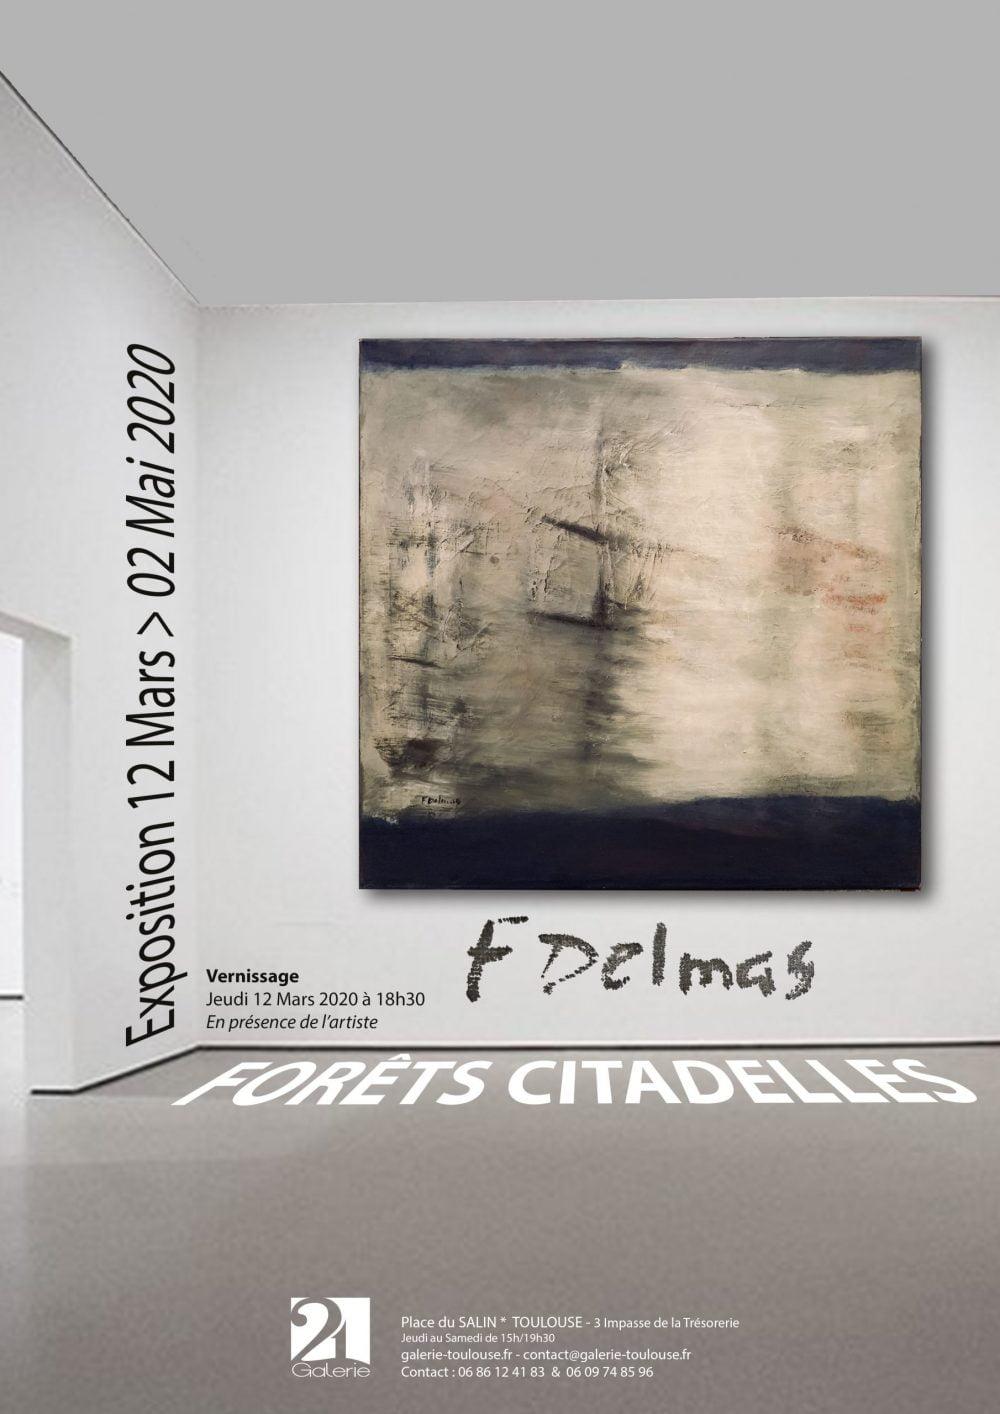 Forets citadelles de Francoise Delmas